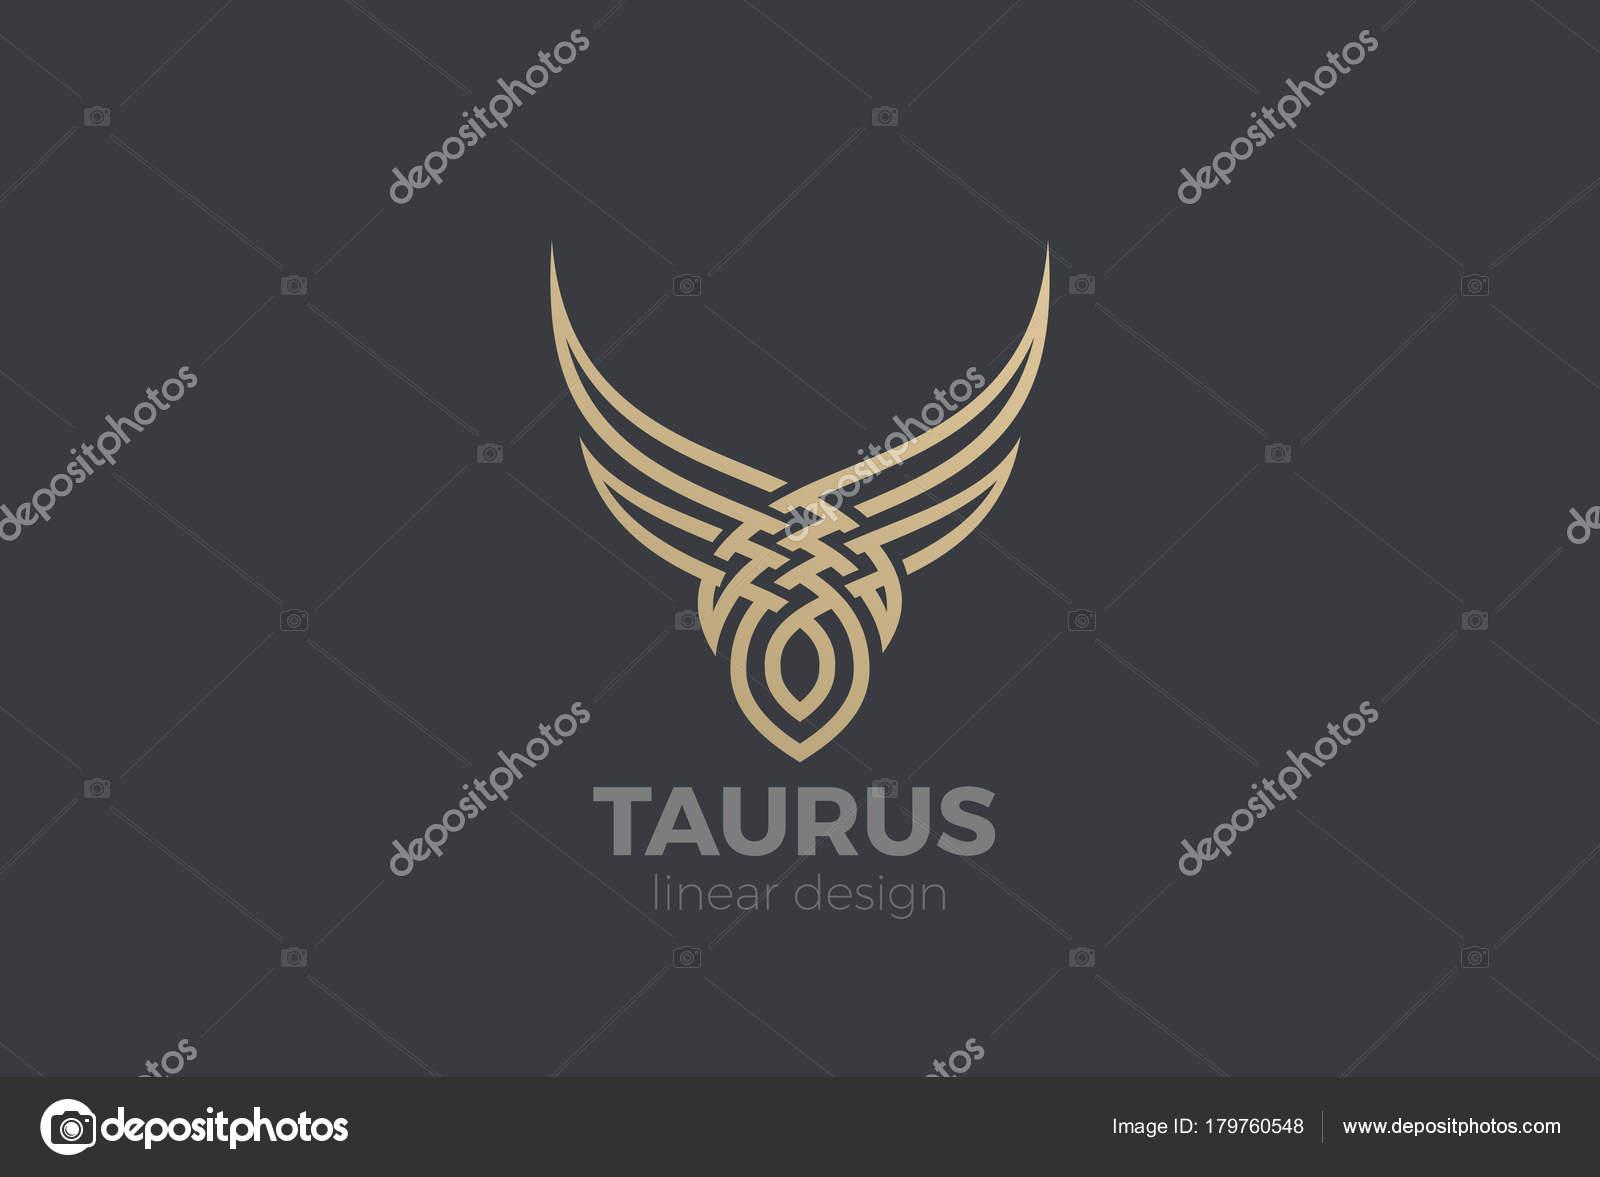 Logotipo De Un Toro Dorado Silueta Abstracta Plantilla